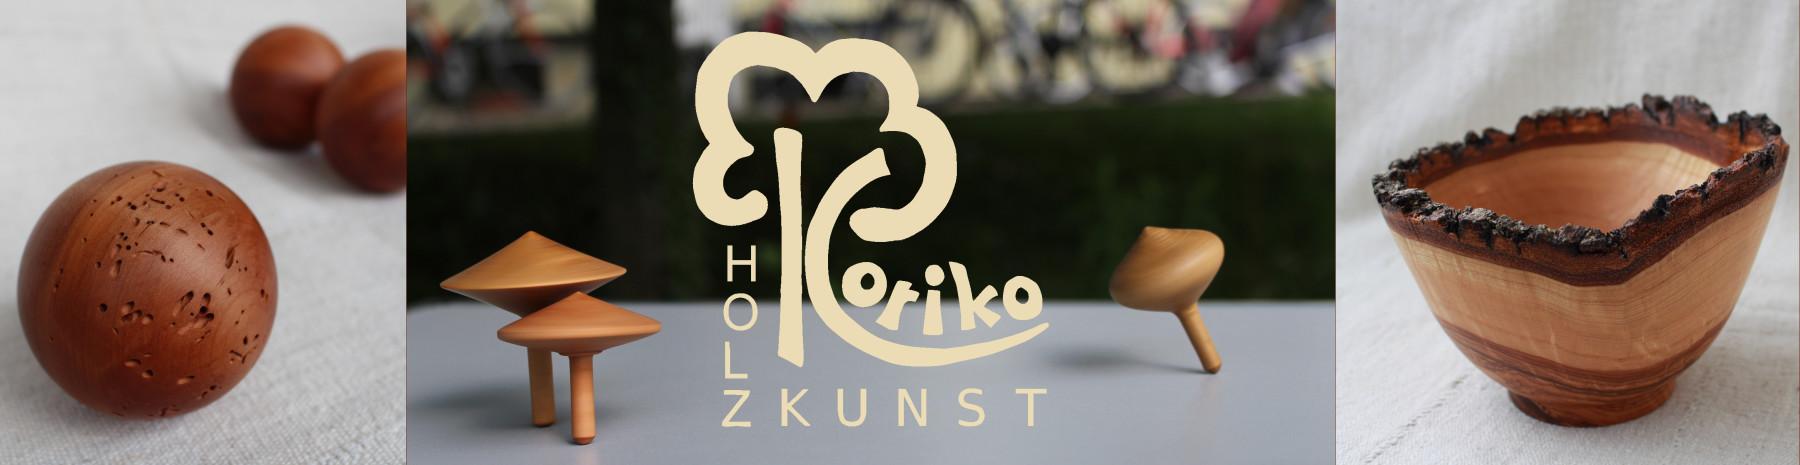 koriko-holzkunst.de